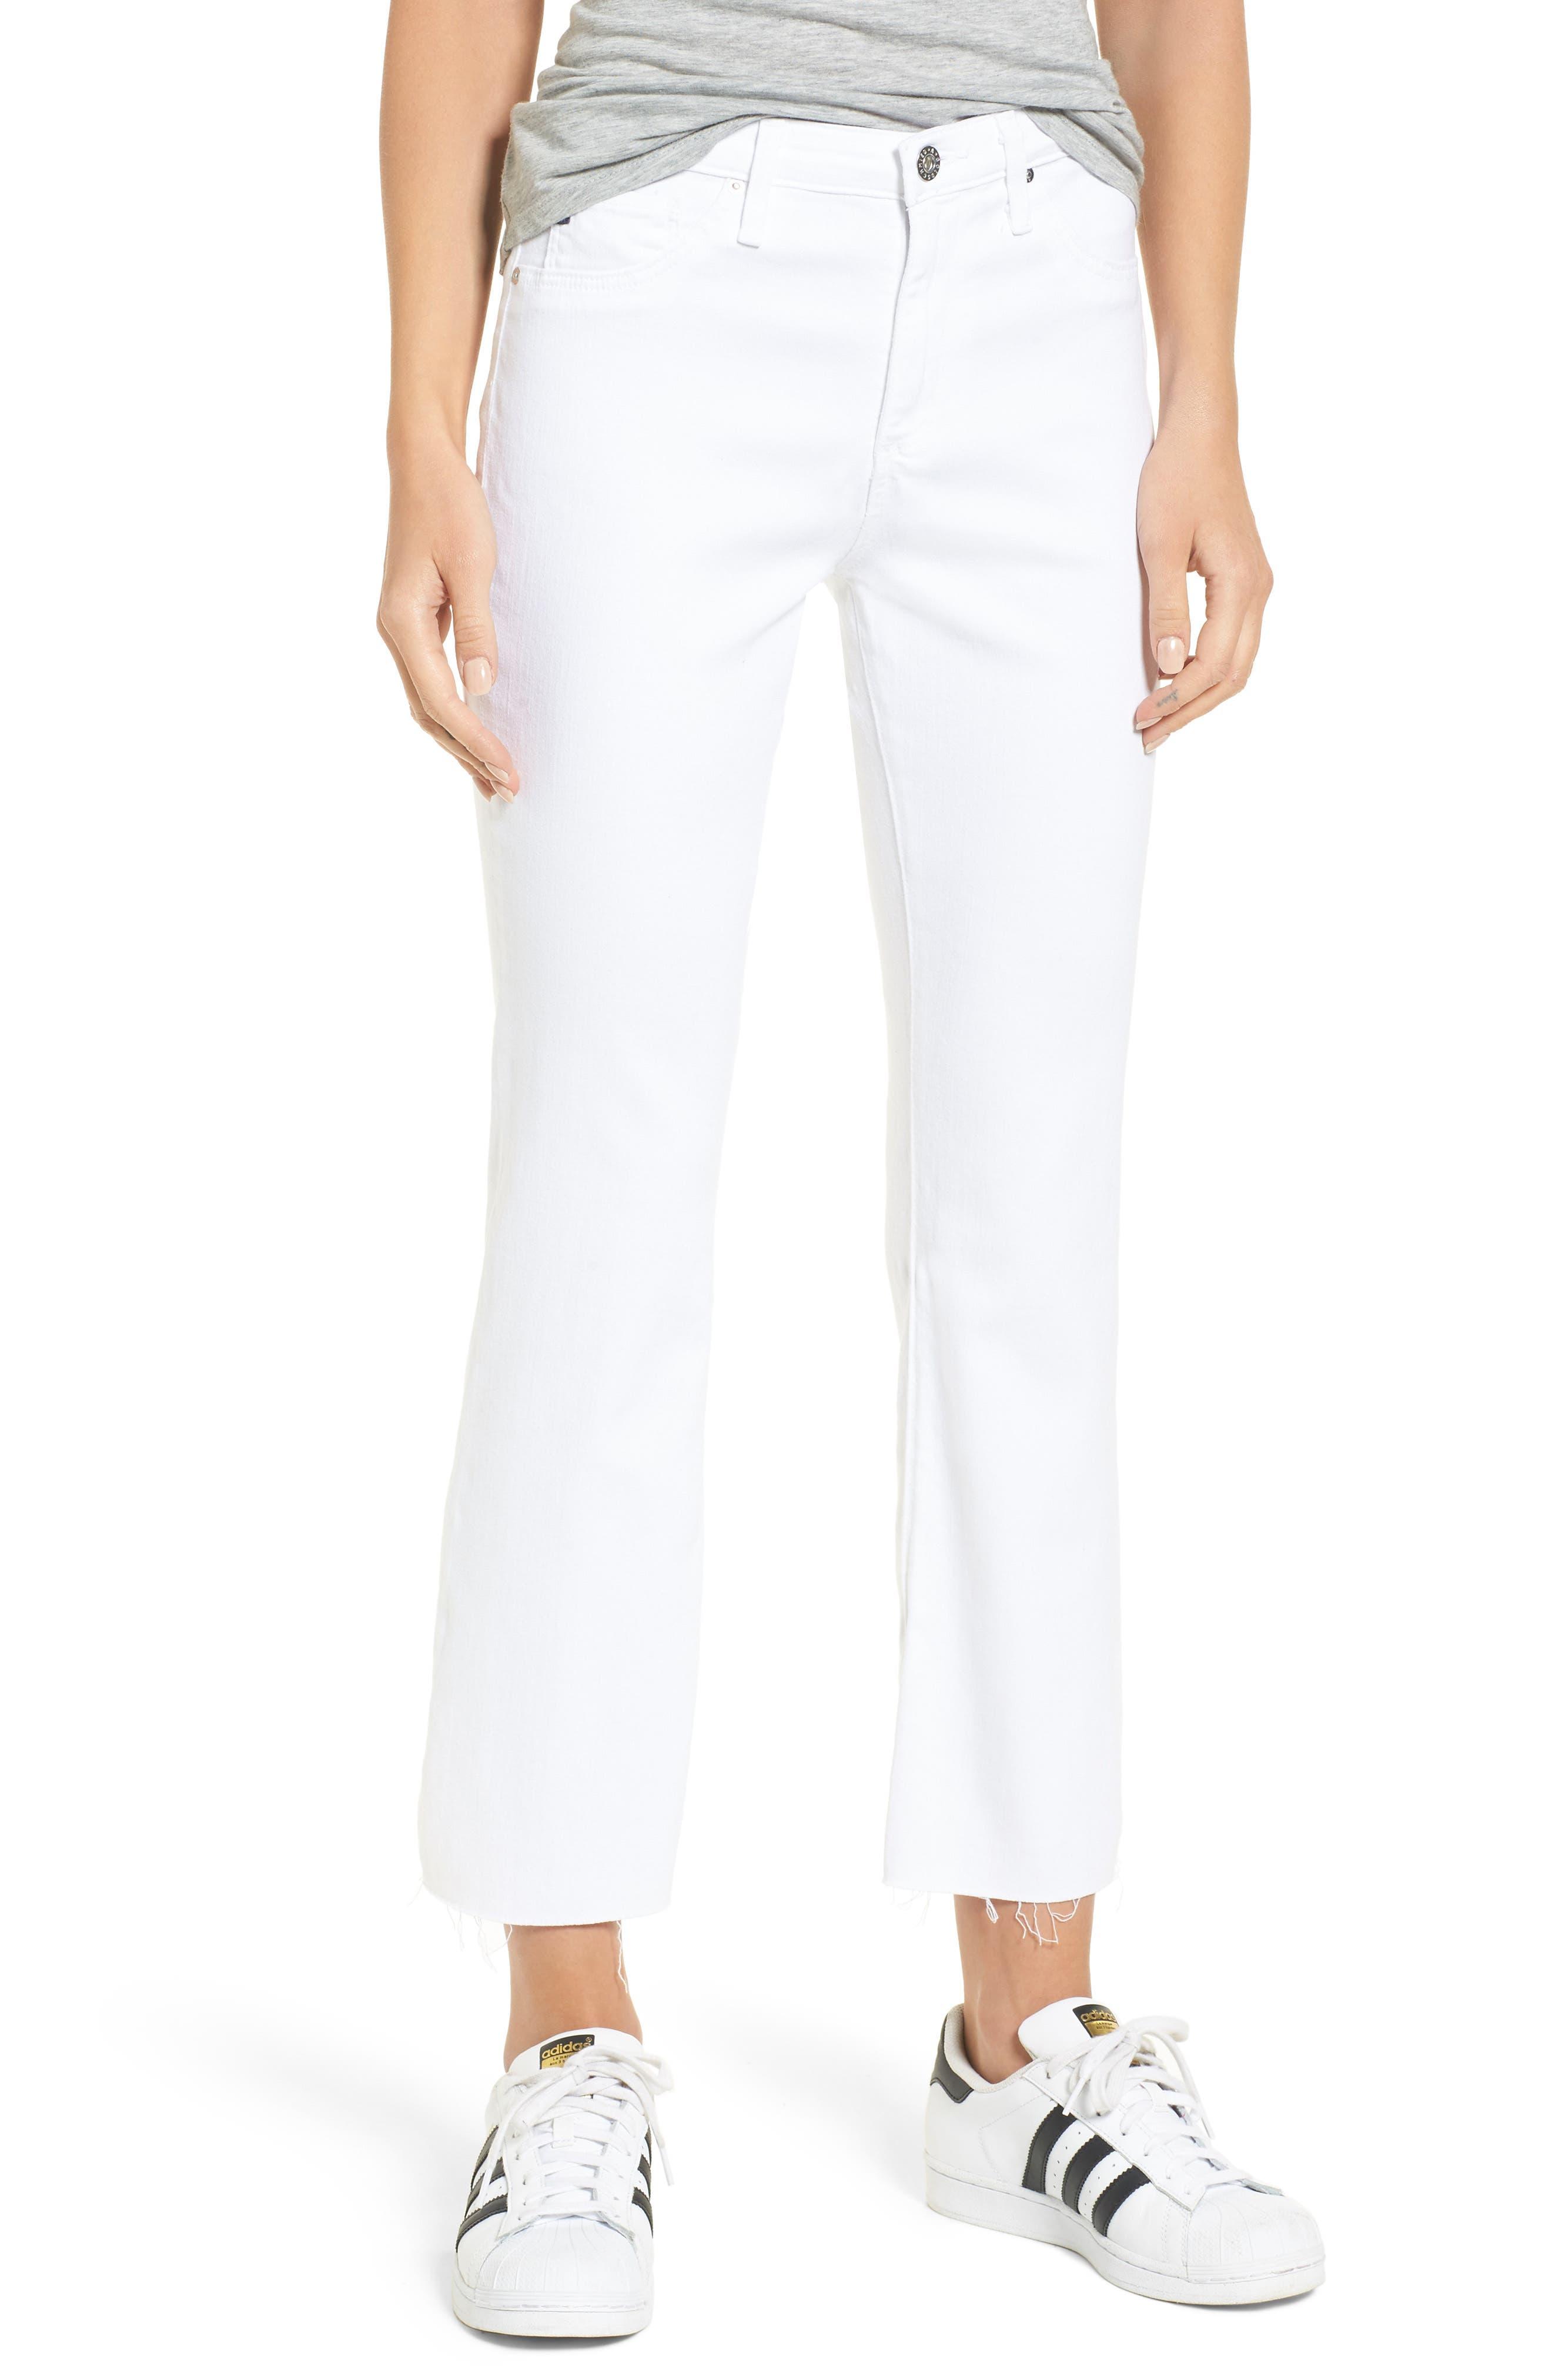 AG, Jodi High Waist Crop Jeans, Main thumbnail 1, color, WHITE